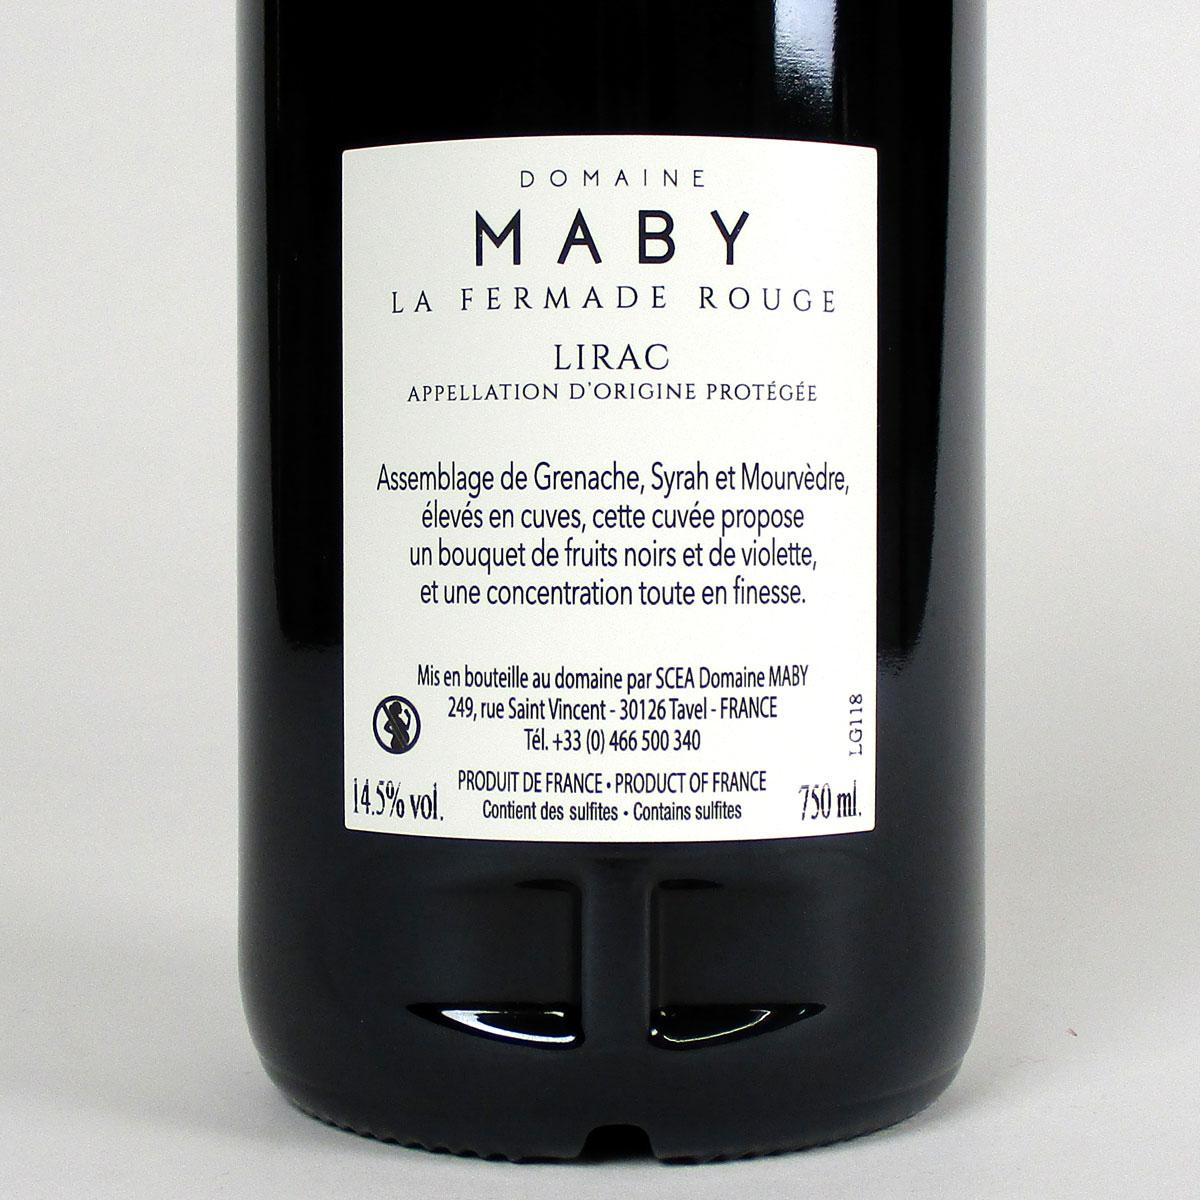 Lirac: Domaine Maby 'La Fermade' Rouge 2018 - Bottle Rear Label